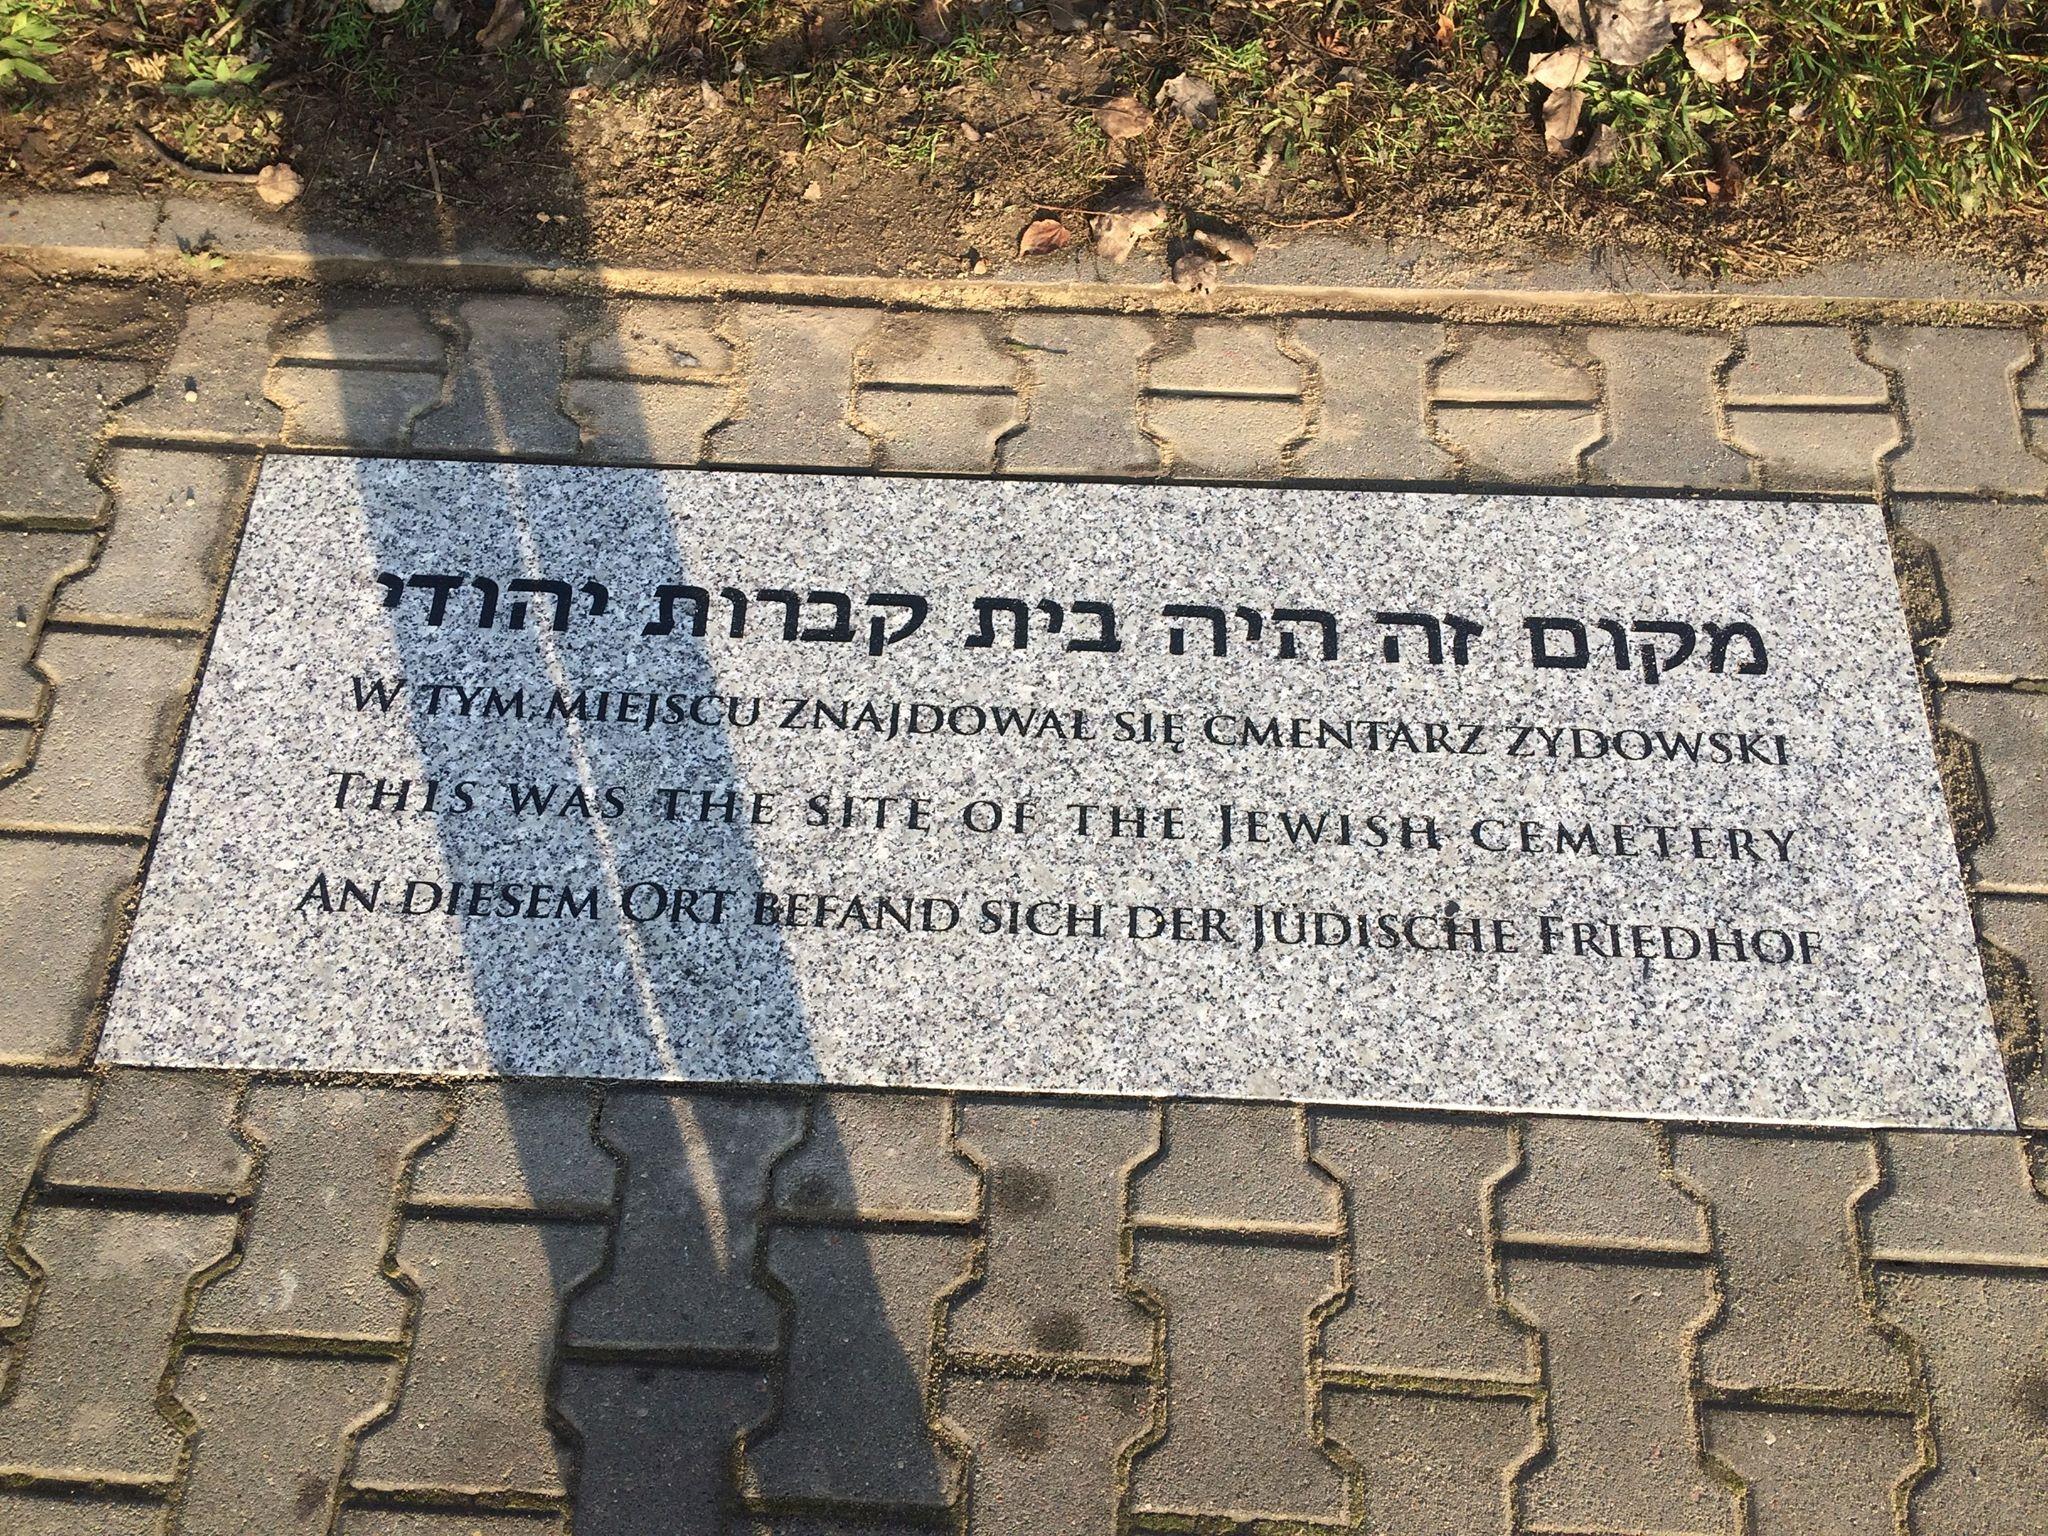 בית העלמין ההרוס של מורוונה גושלינה קיבל שלט בארבע שפות